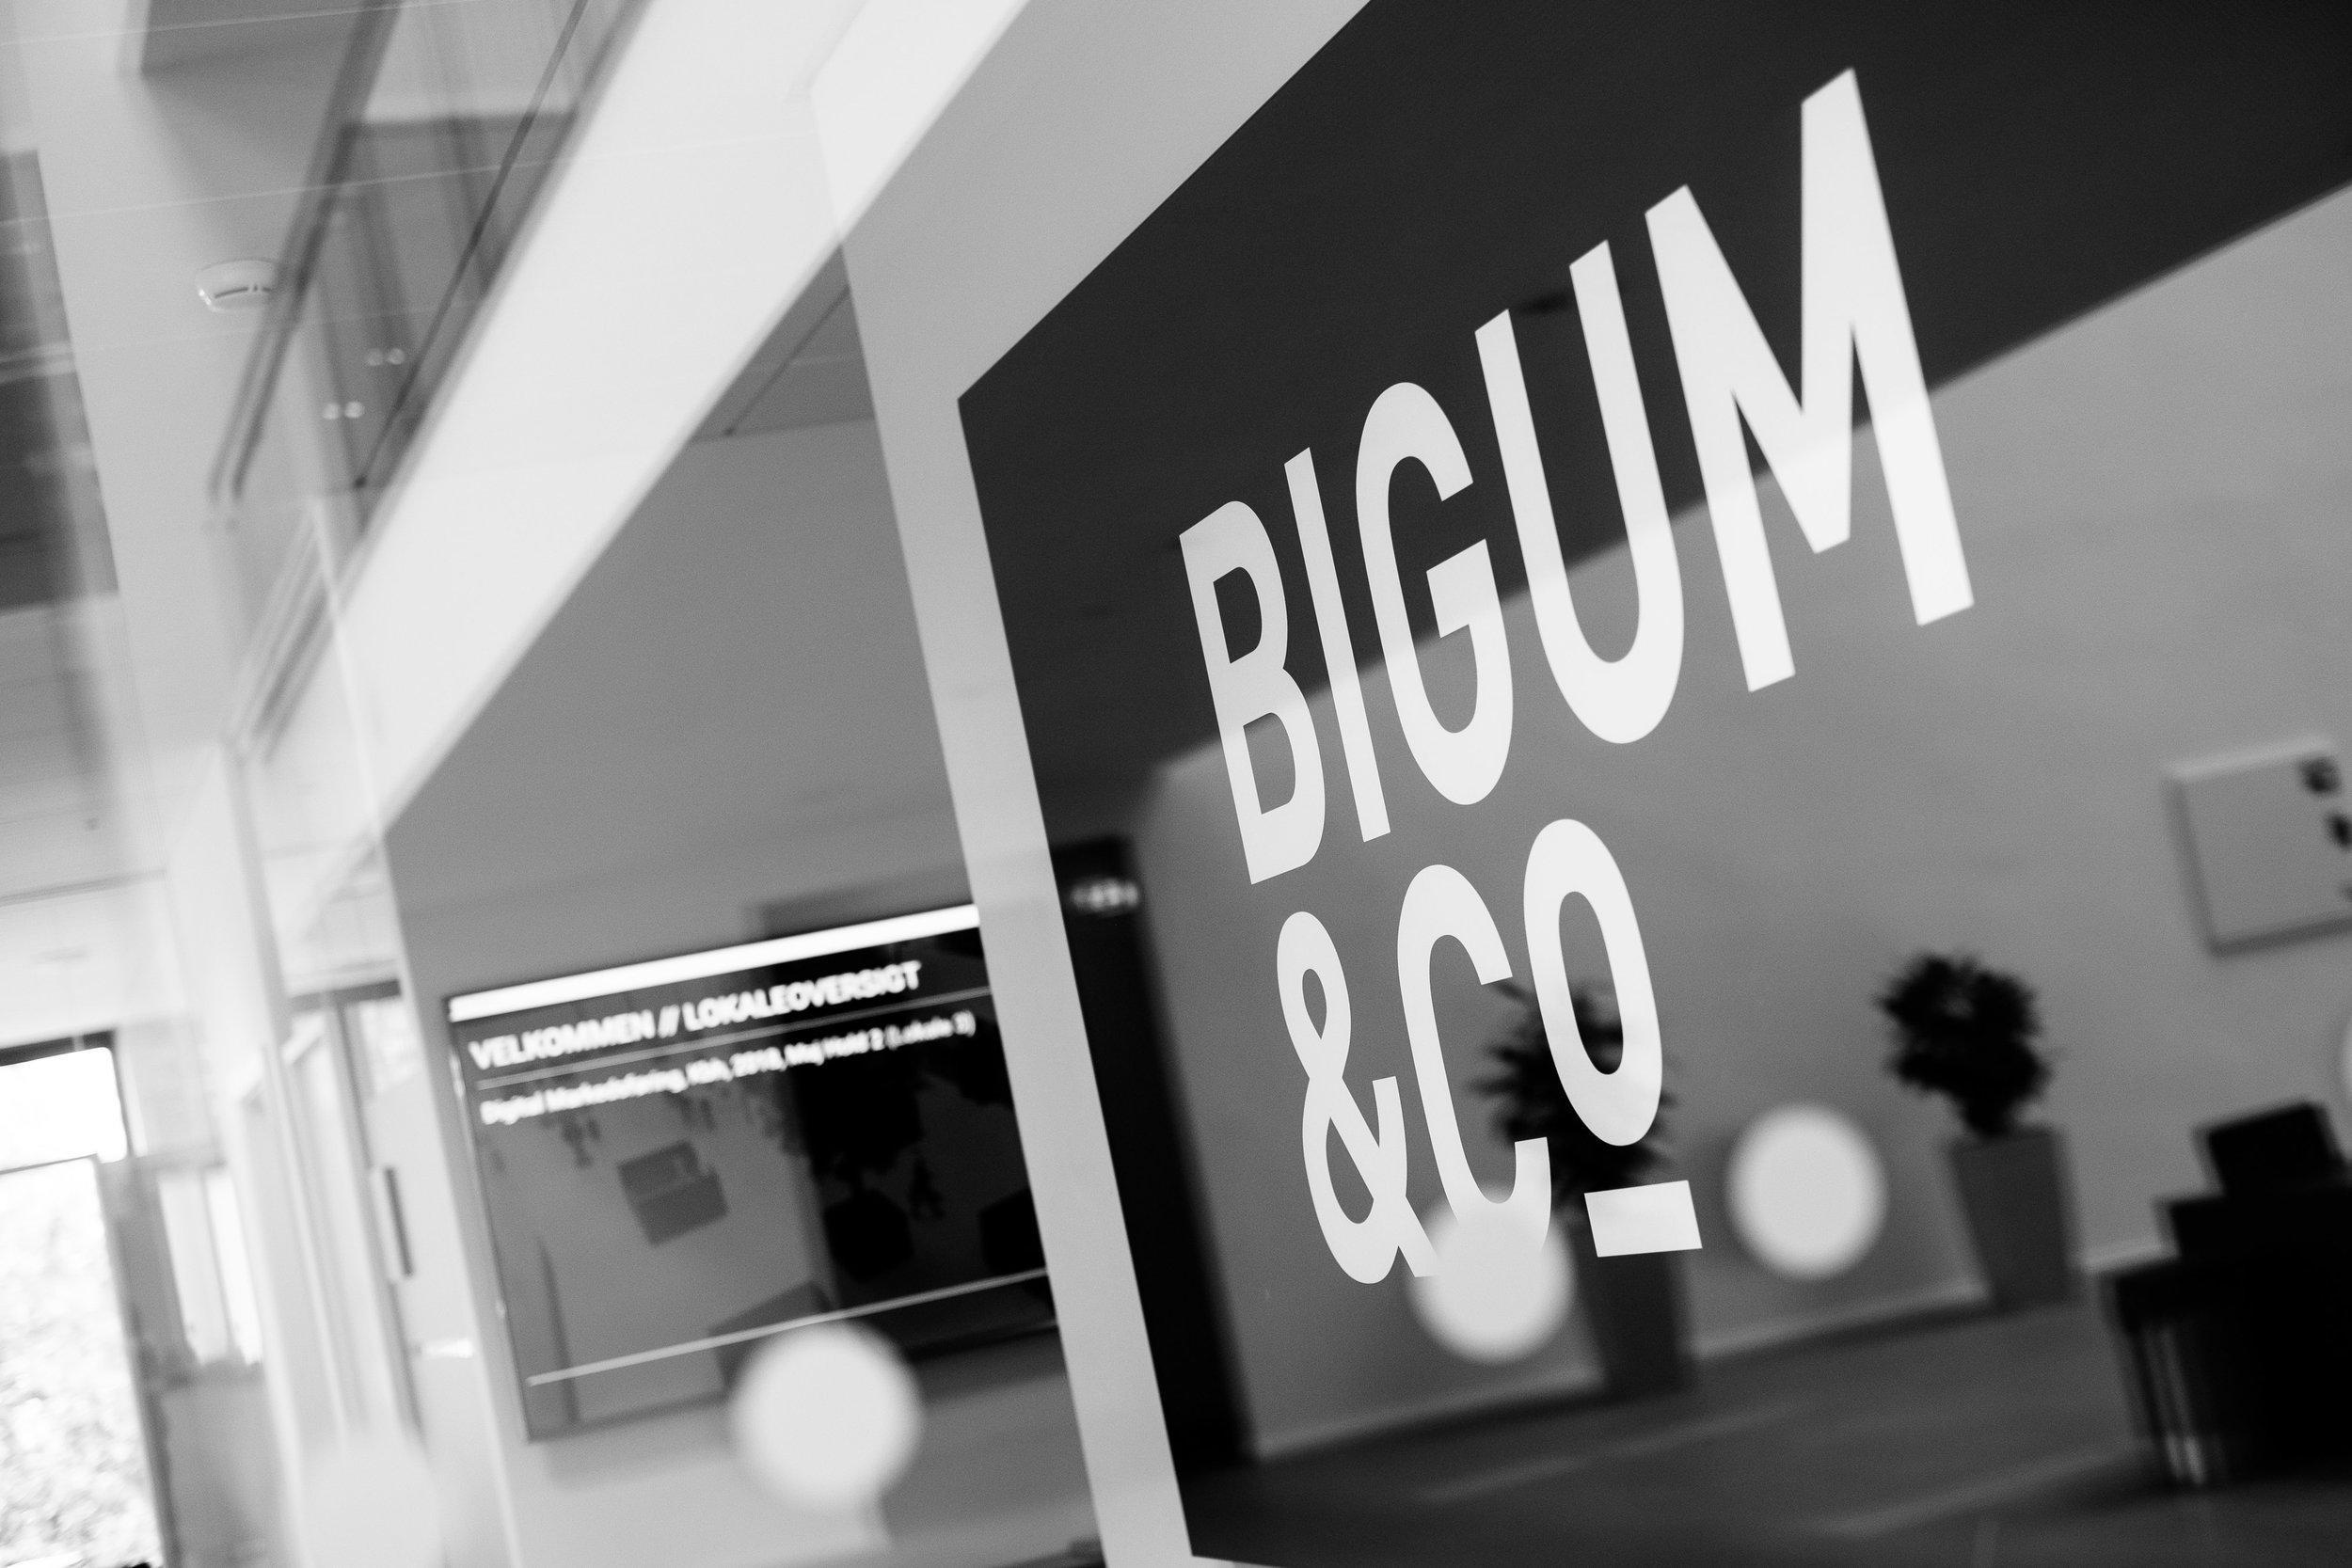 Bigum & Co